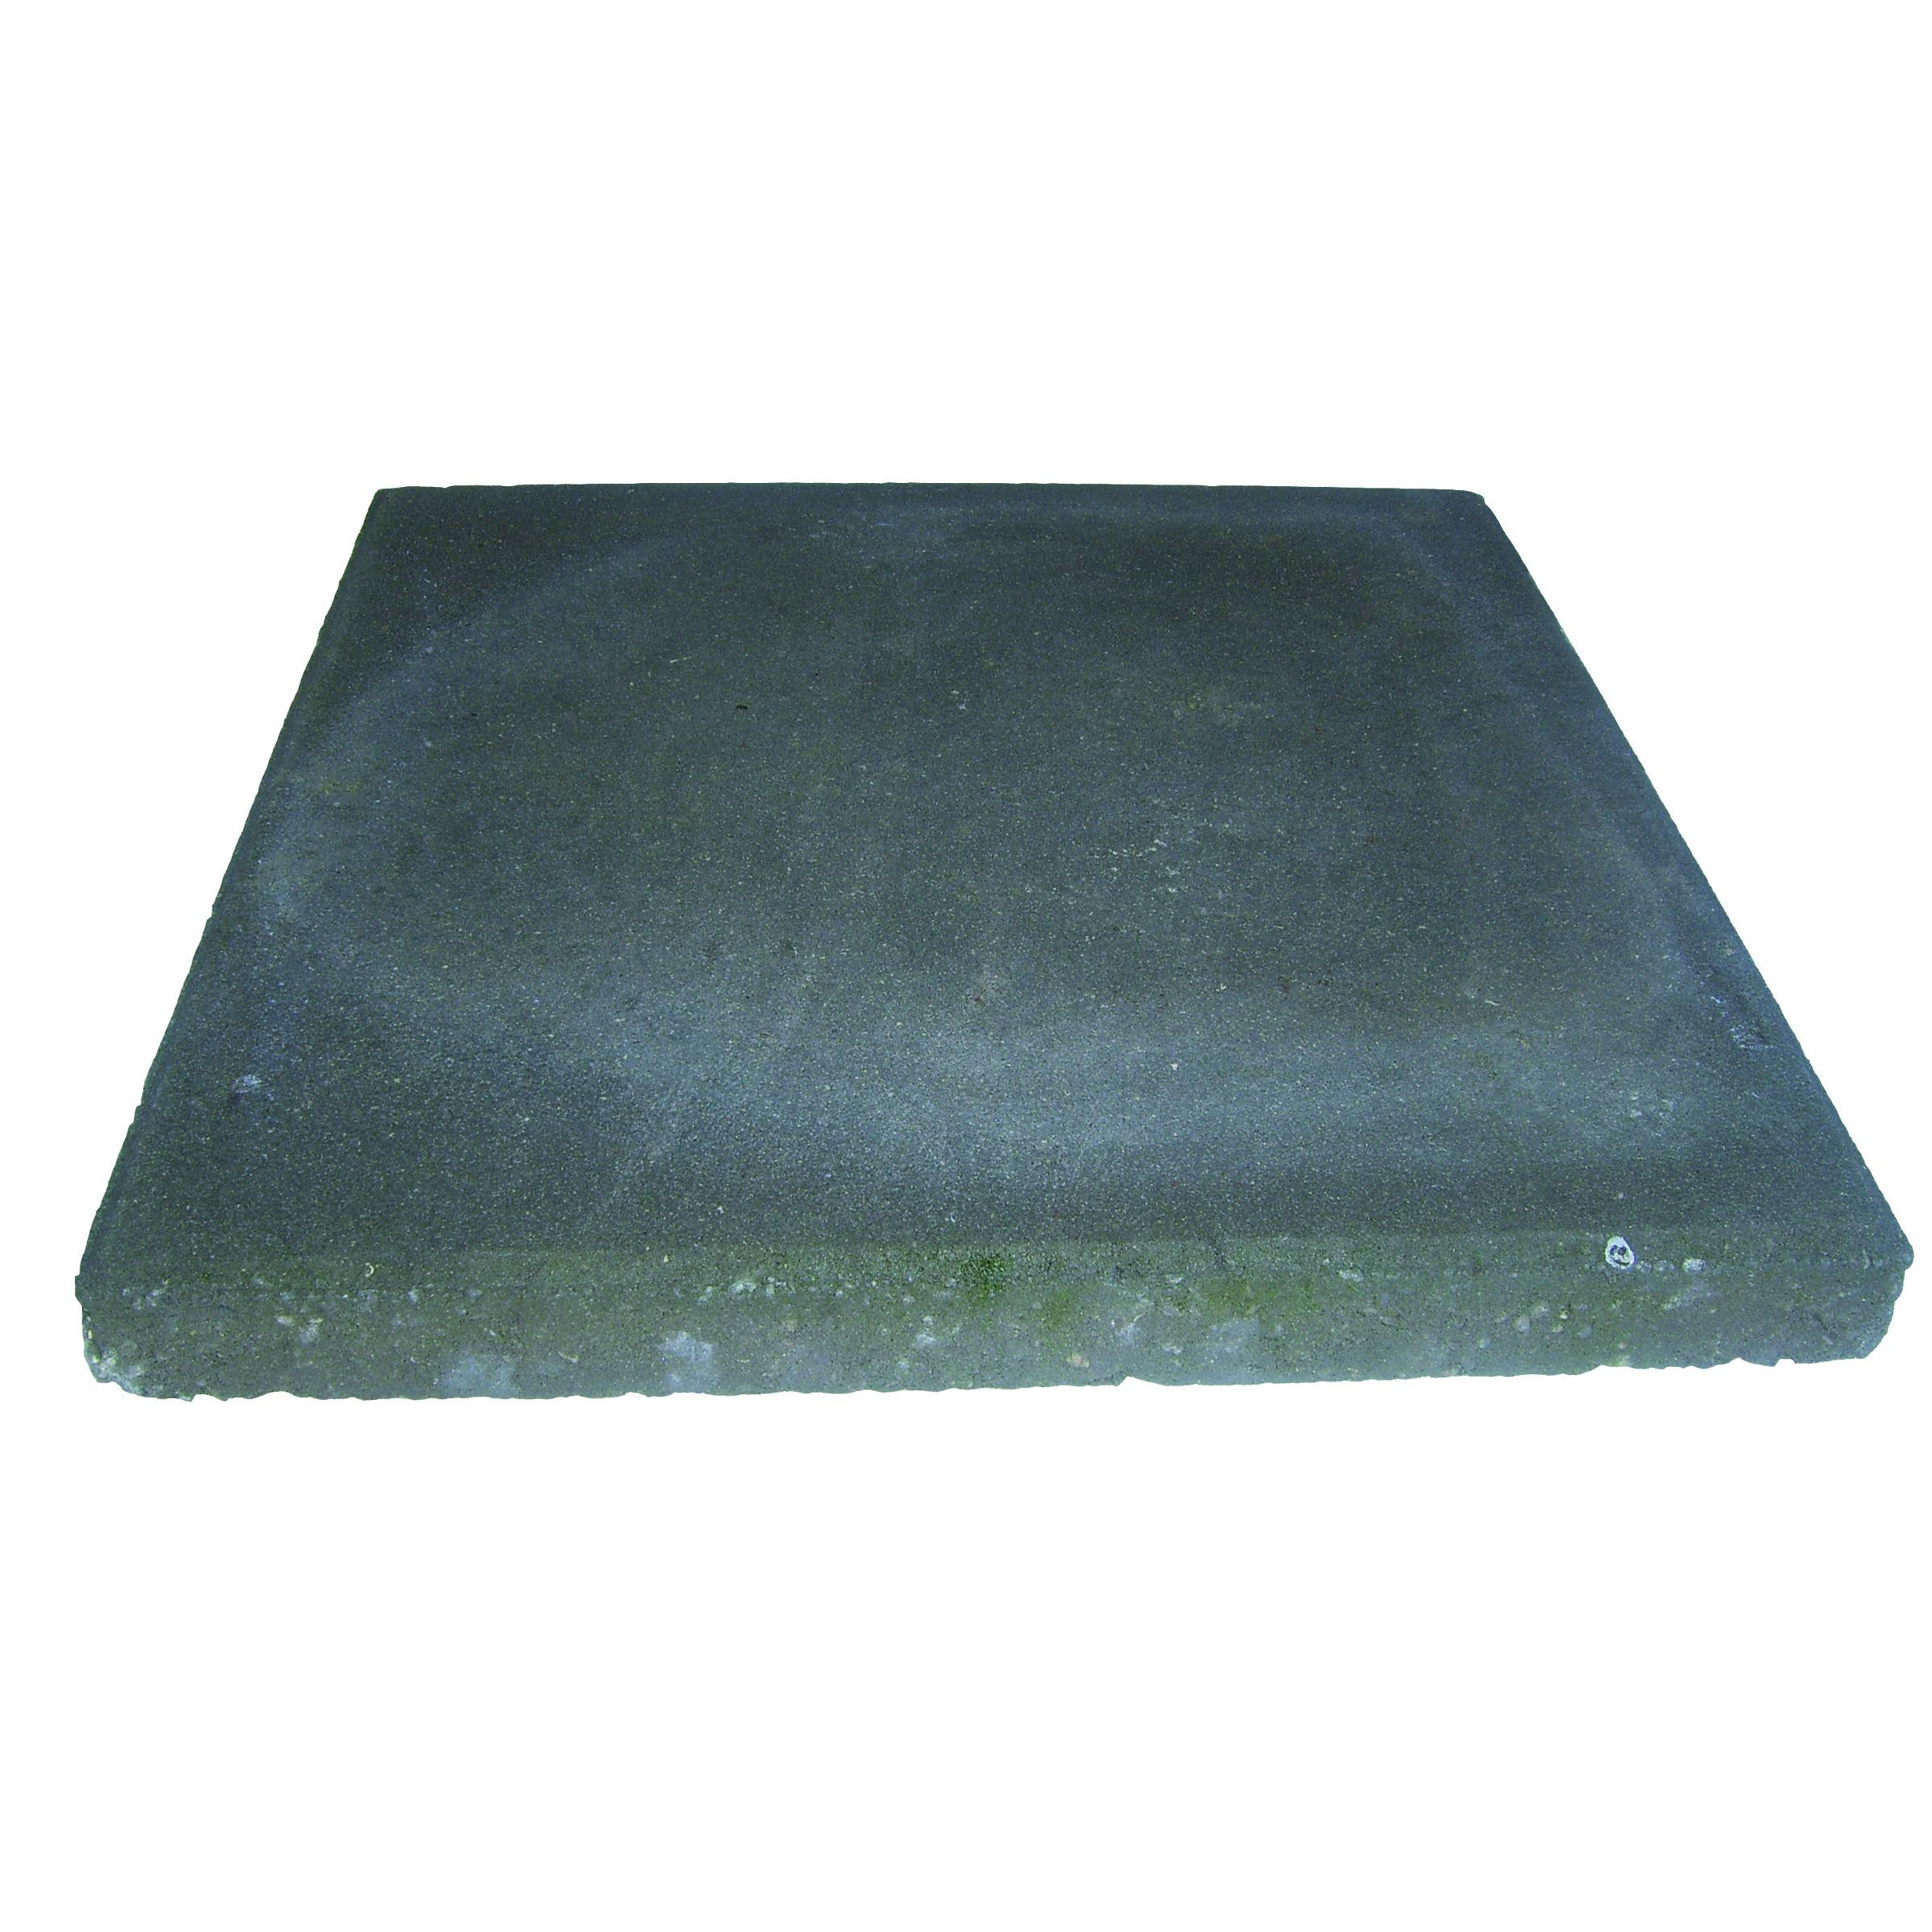 Terrastegel Beton Grijs 50x50 cm - Per Tegel - 0,25 m2